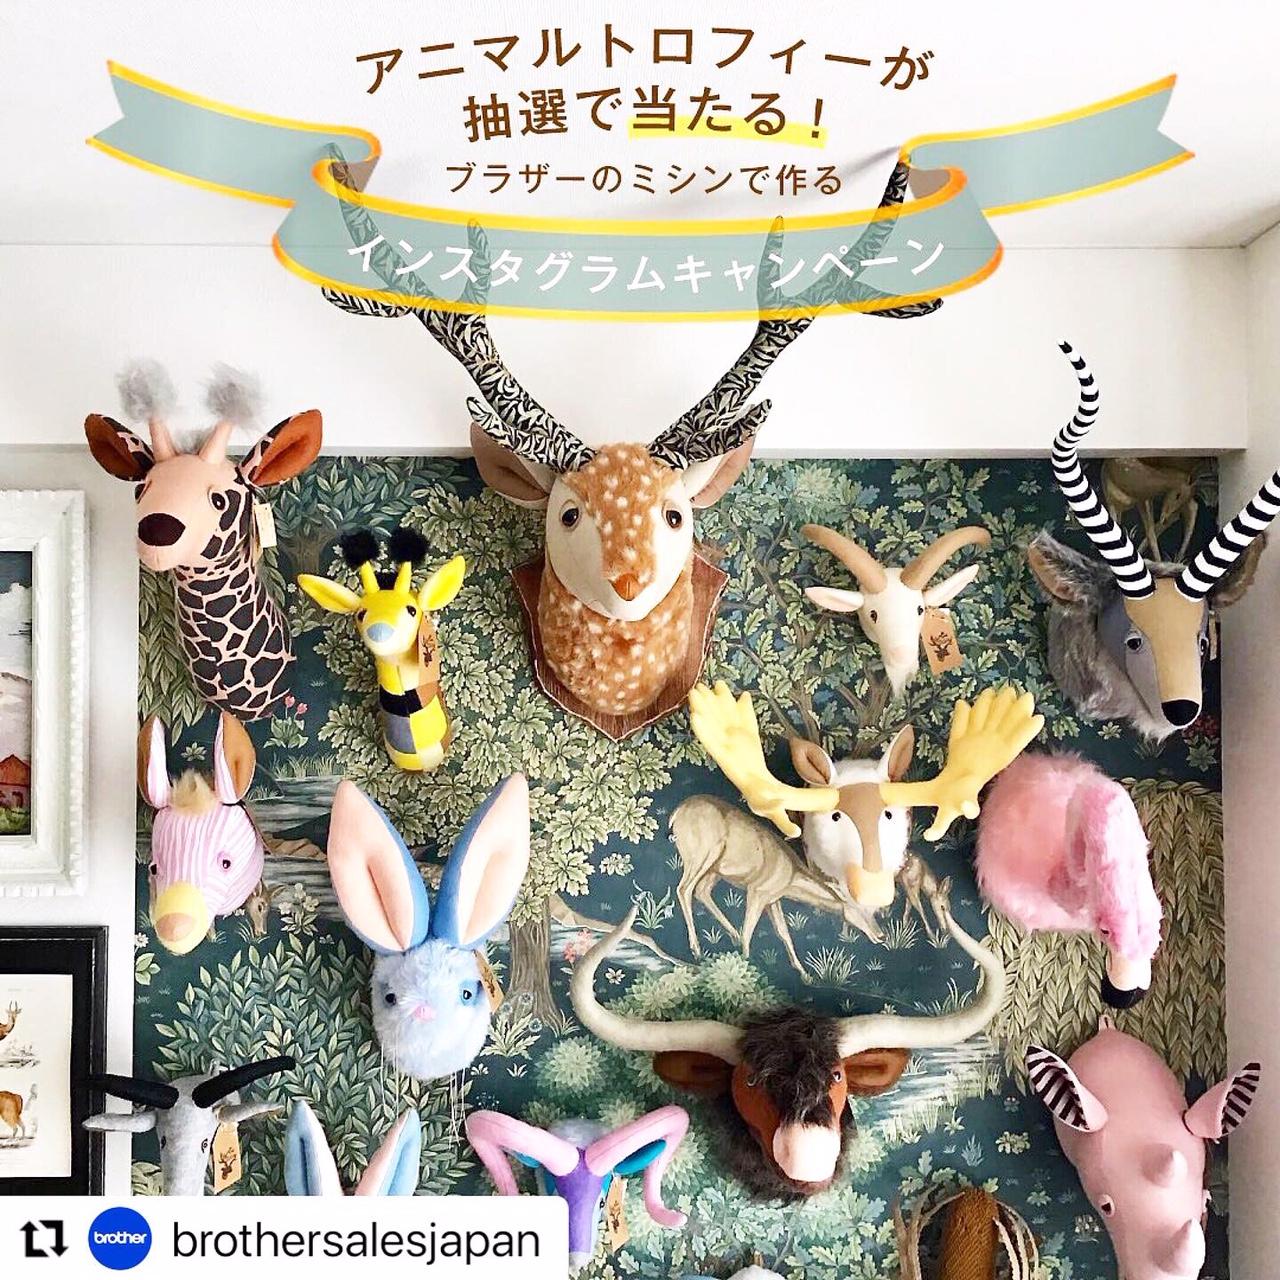 【ブラザープレゼントキャンペーン】